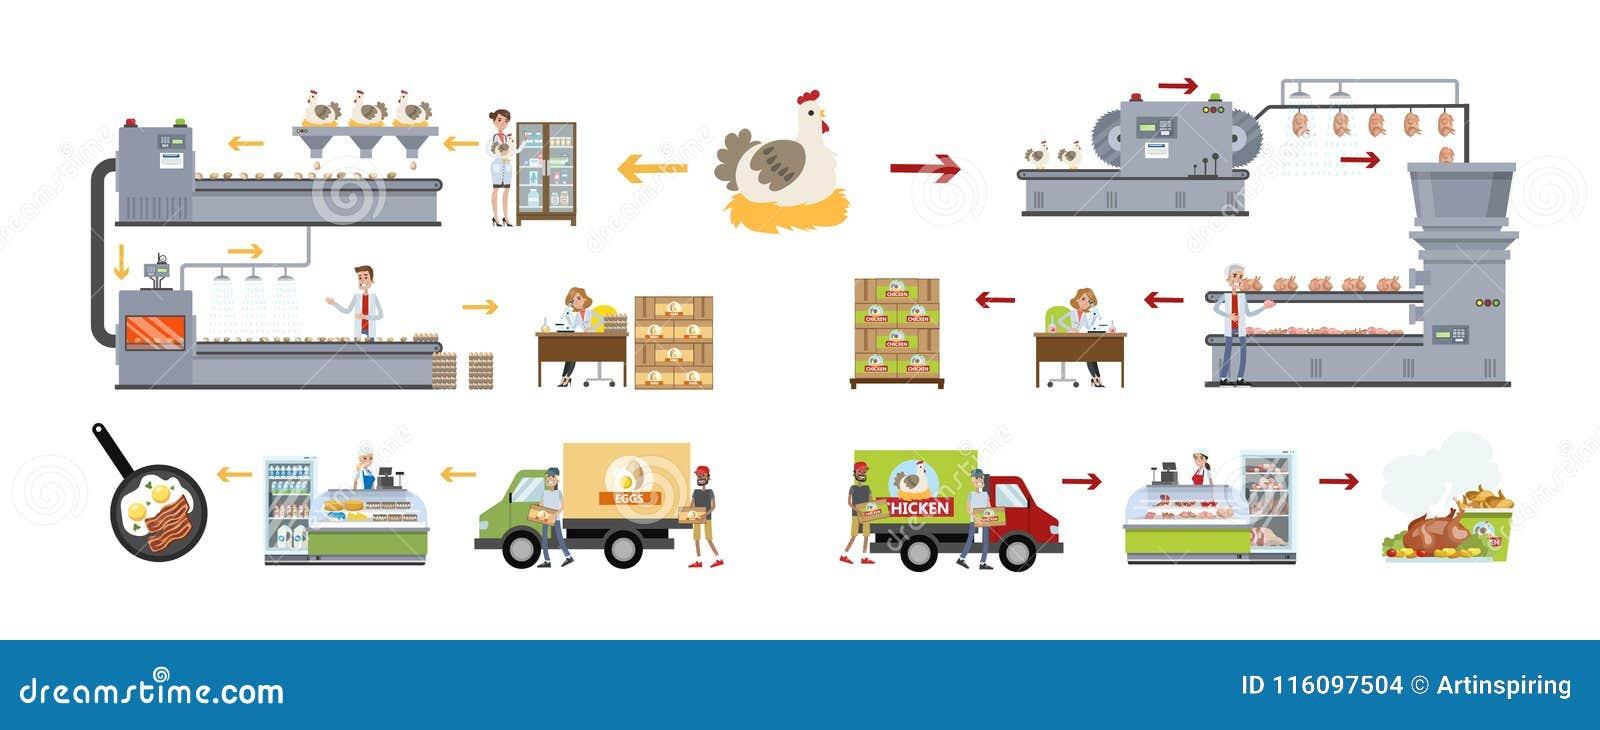 Chicken factory set  stock vector  Illustration of